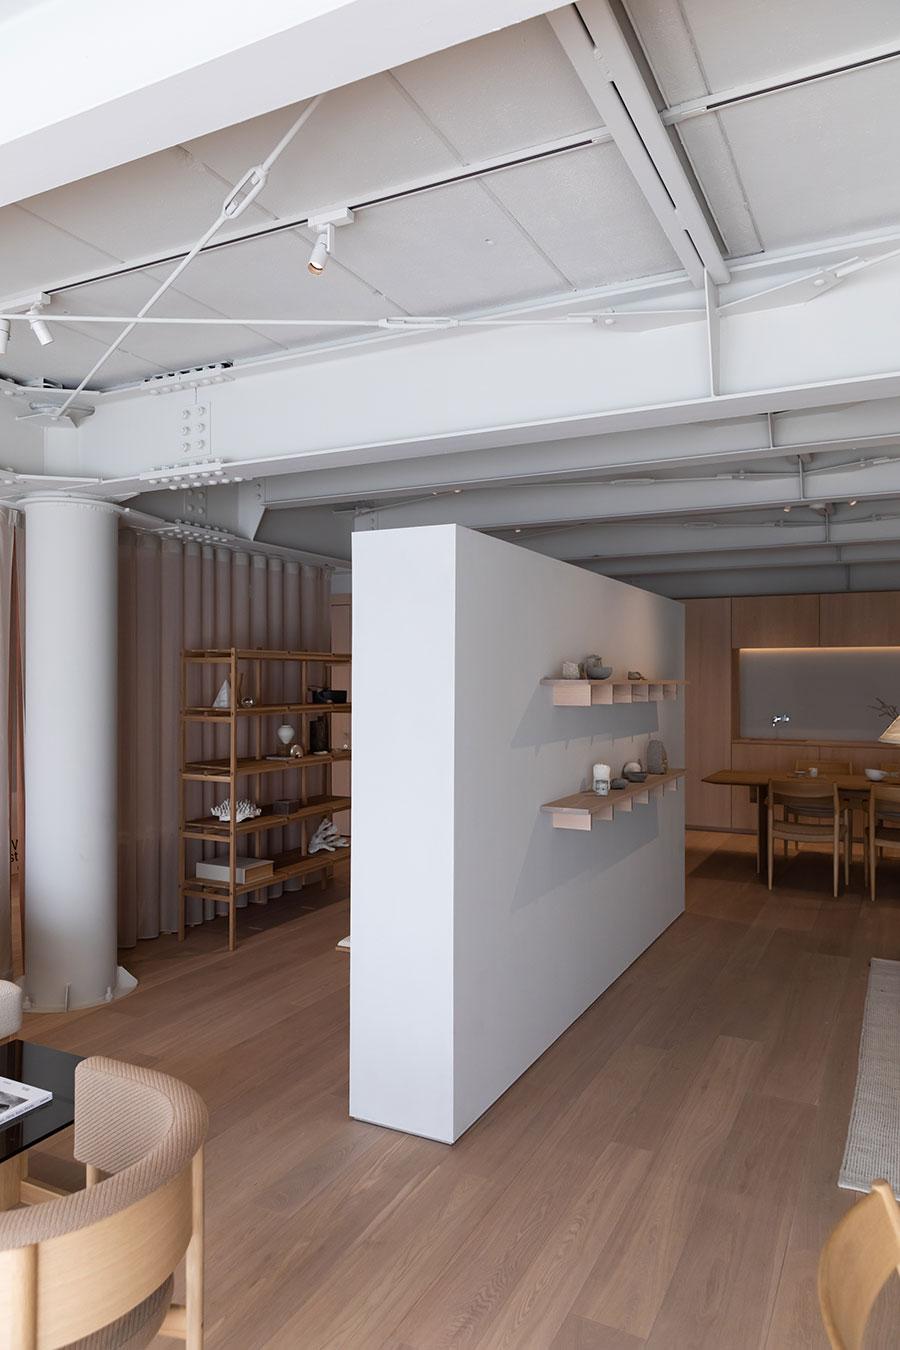 この壁は動かすことができる。将来、部屋の区切り方を変えたいと考えているなら、参考にしたいアイディアだ。